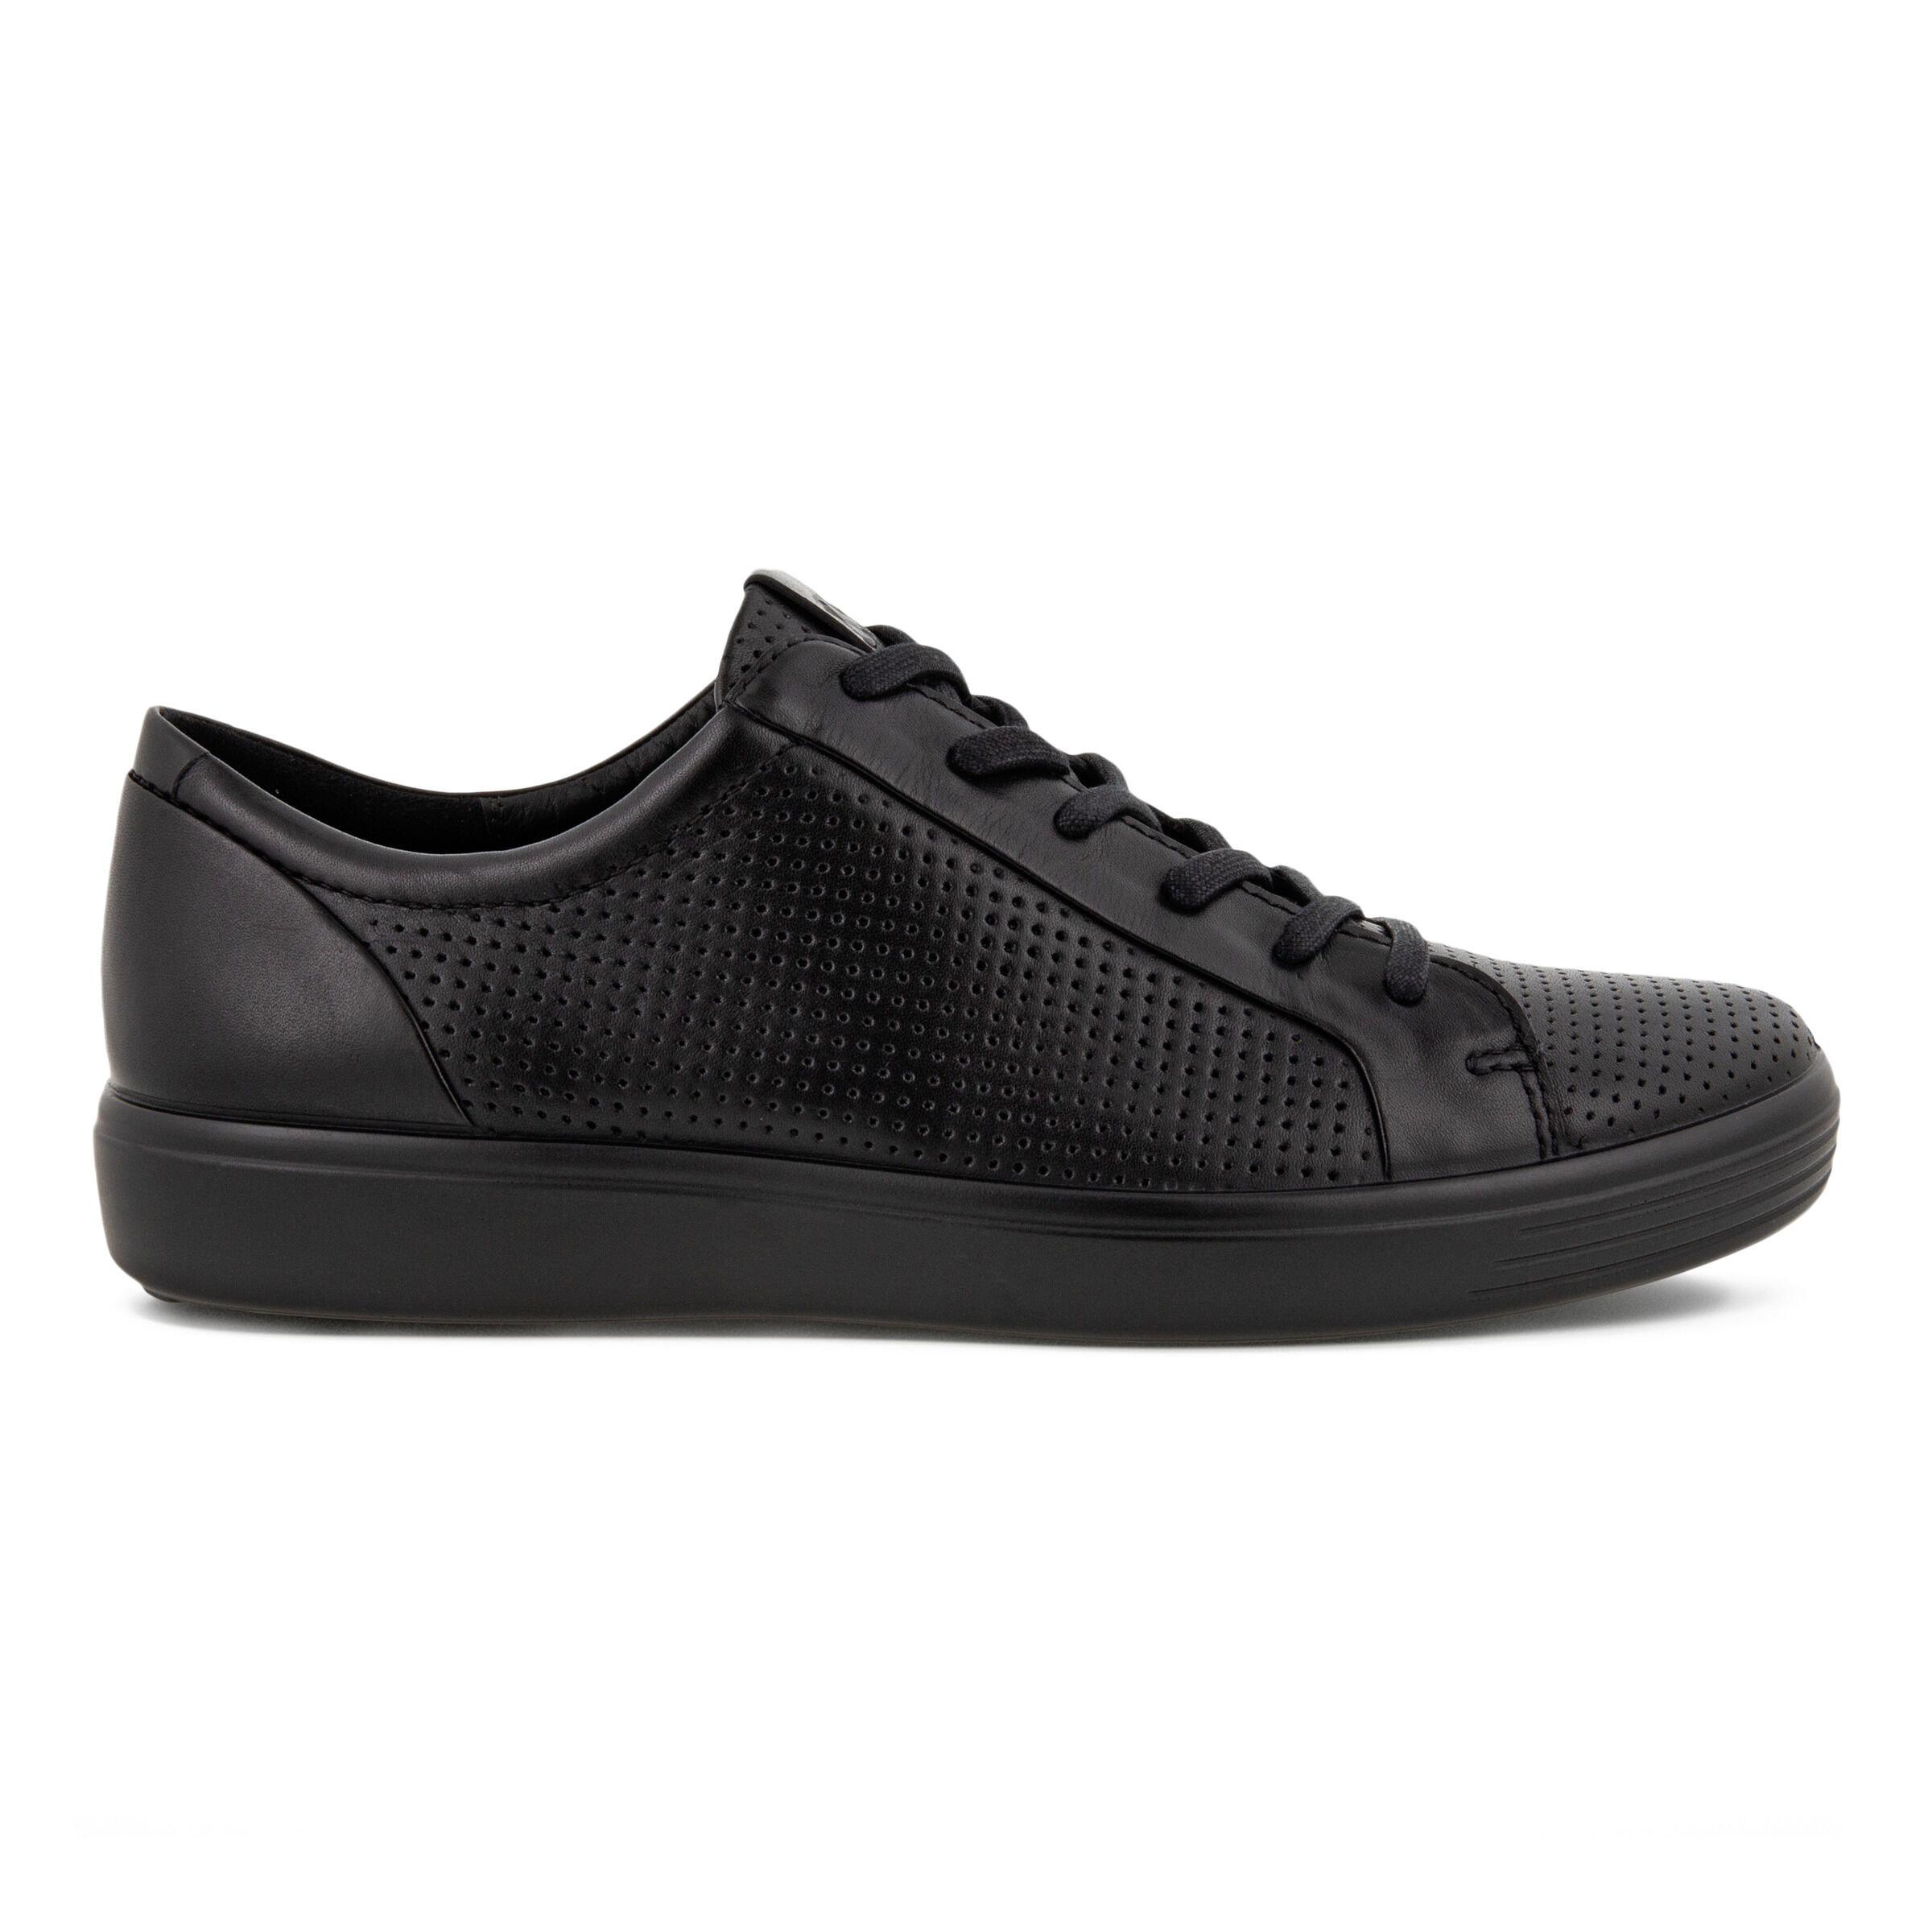 에코 ECCO SOFT 7 Mens Laced Shoes,BLACK